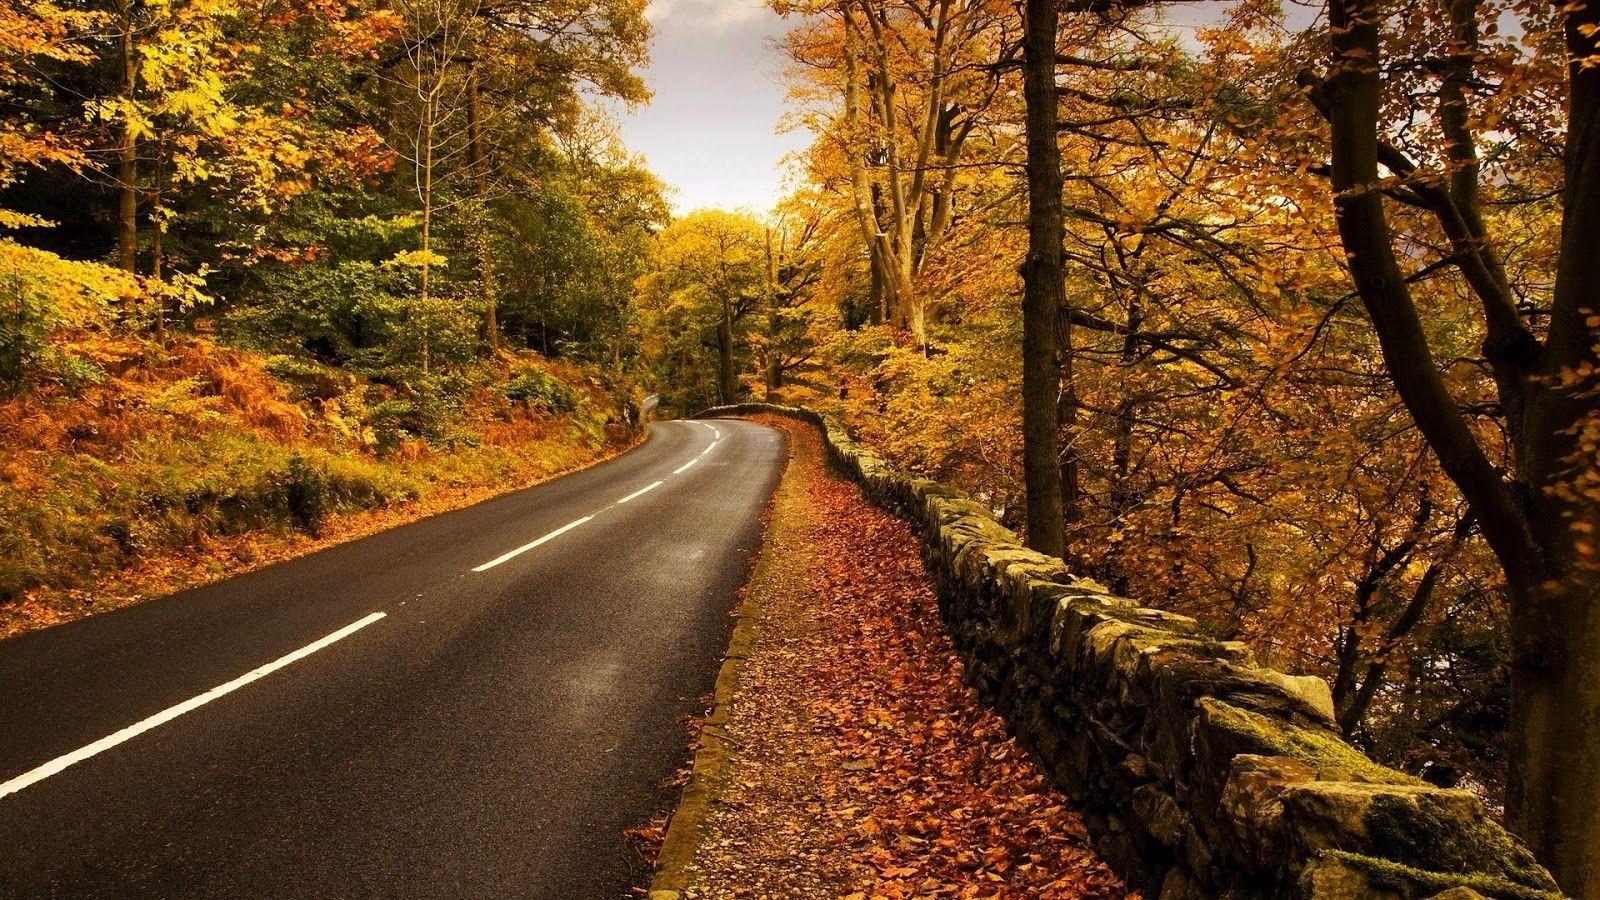 Simple Wallpaper Mac Autumn - 007b92bf6b045fcbf8732f7047d6c4bb  Pic_885261.jpg